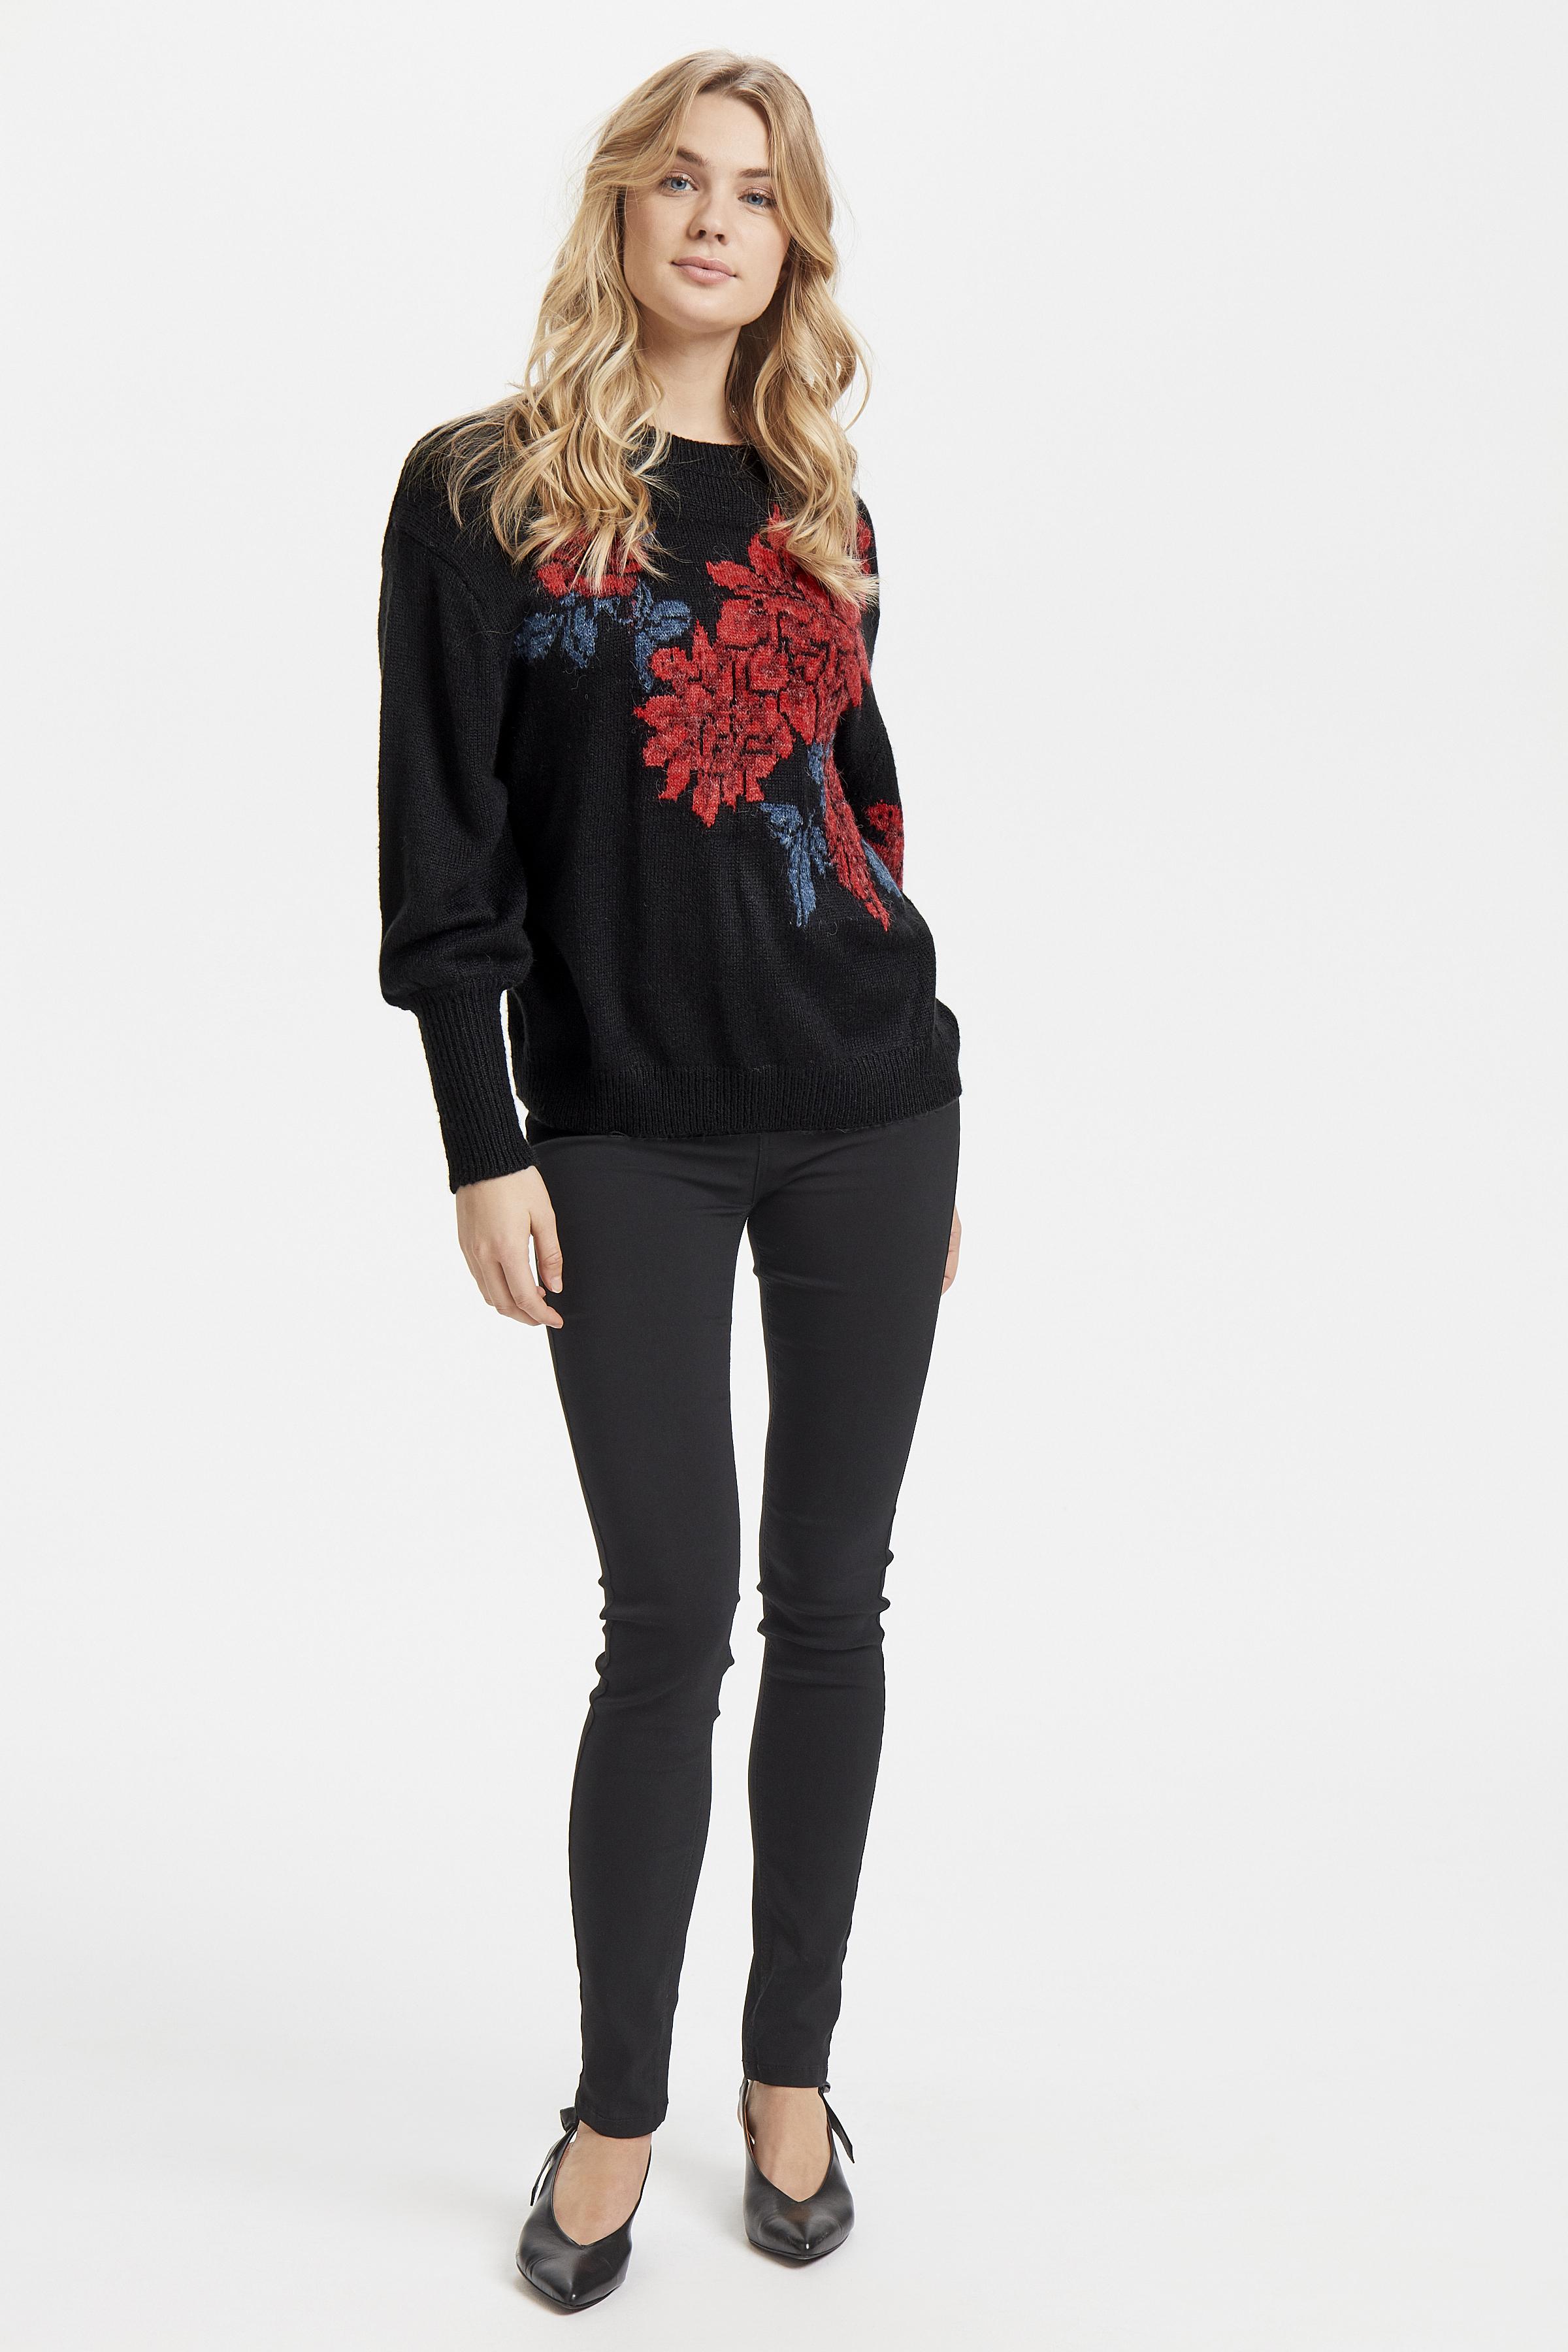 Black combi Pullover van b.young – Koop Black combi Pullover hier van size XS-XXL